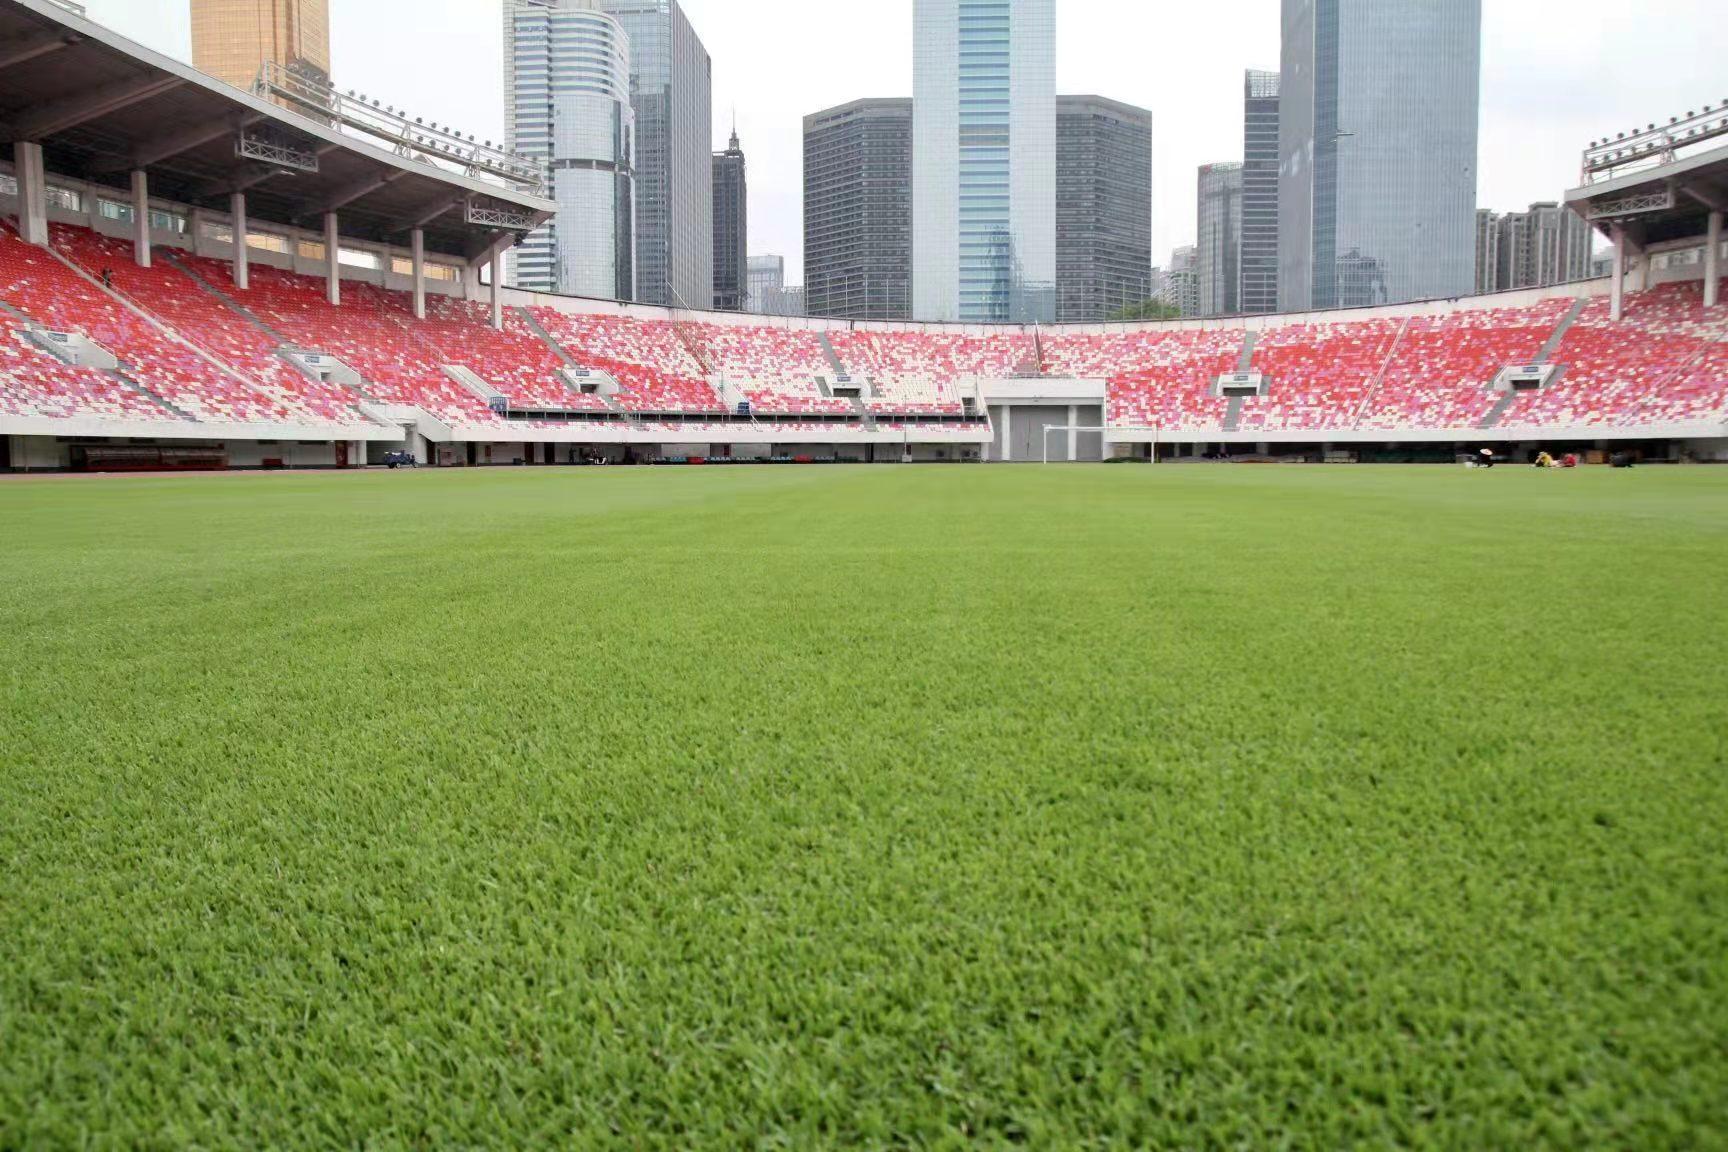 粤媒:3万球迷现场观看中超揭幕战,为疫情以来上座量之最